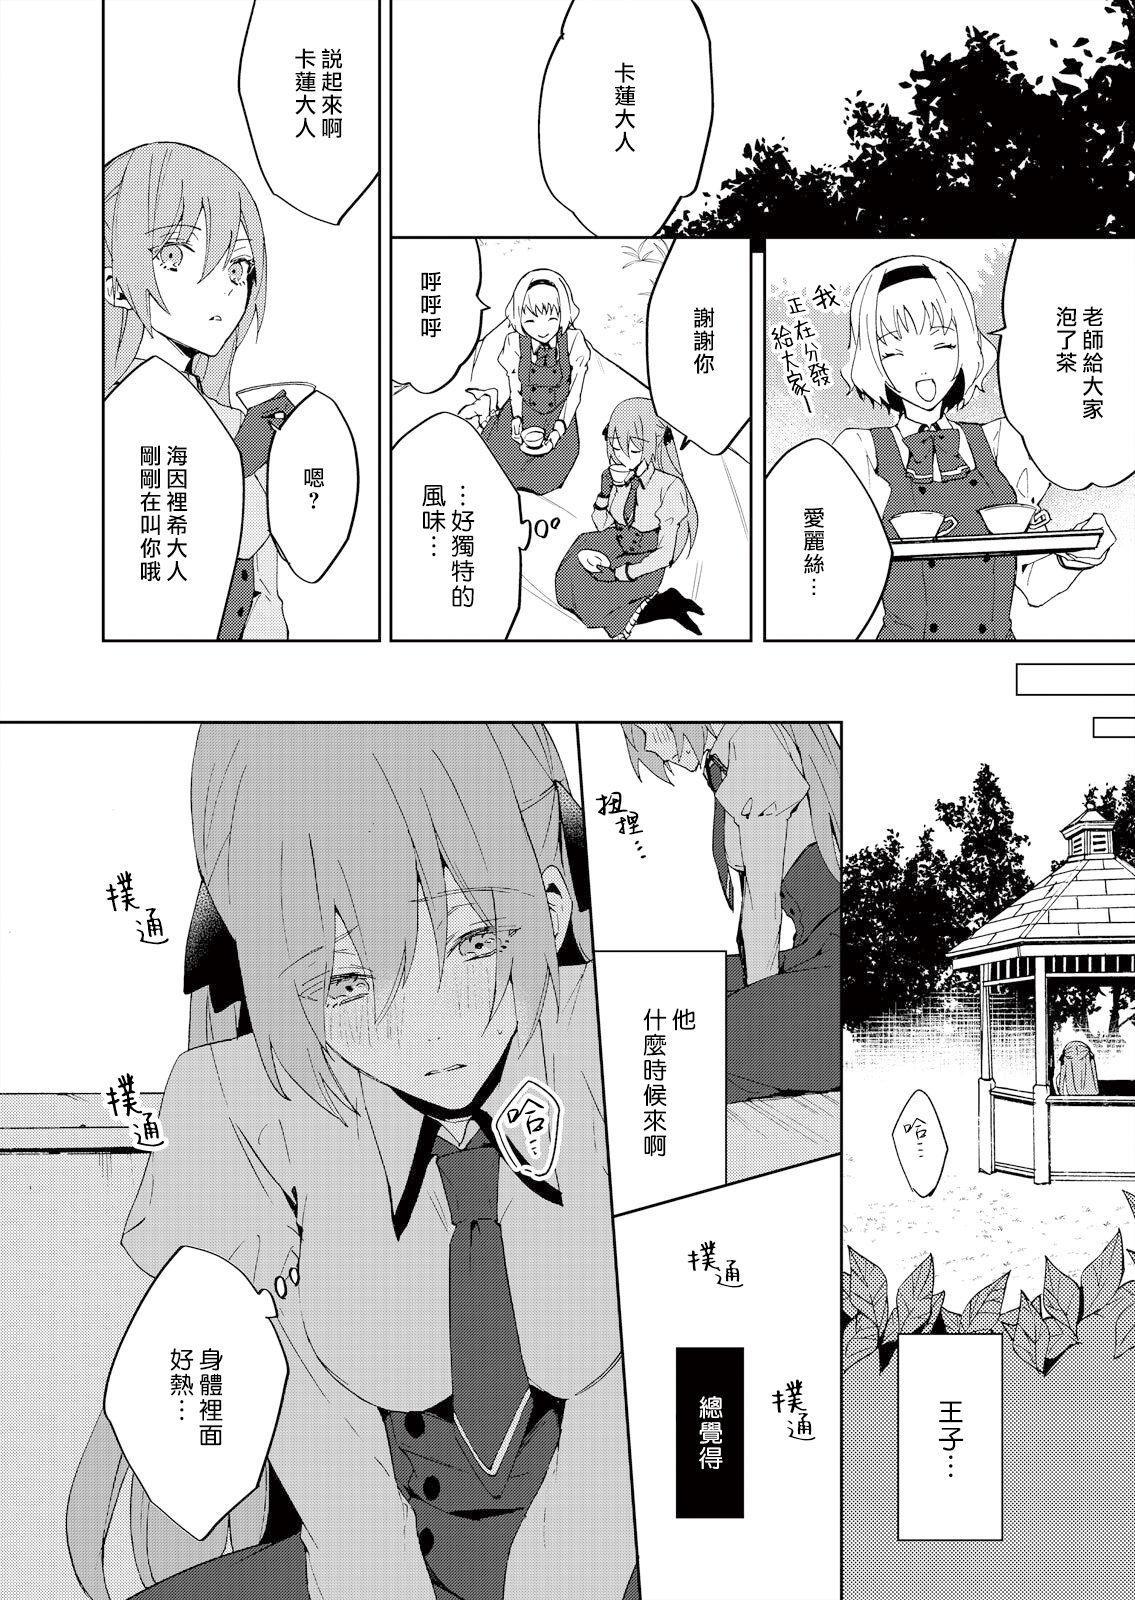 [Yuzushiwo] Akuyaku Reijou wa Ichizu ni Dekiai sarete ~Noumitsu Sex no Aite wa Juuboku~ | 被疯狂溺爱的反派大小姐~浓密性爱对象是仆从~ 1-4 [Chinese] [莉赛特汉化组] 45